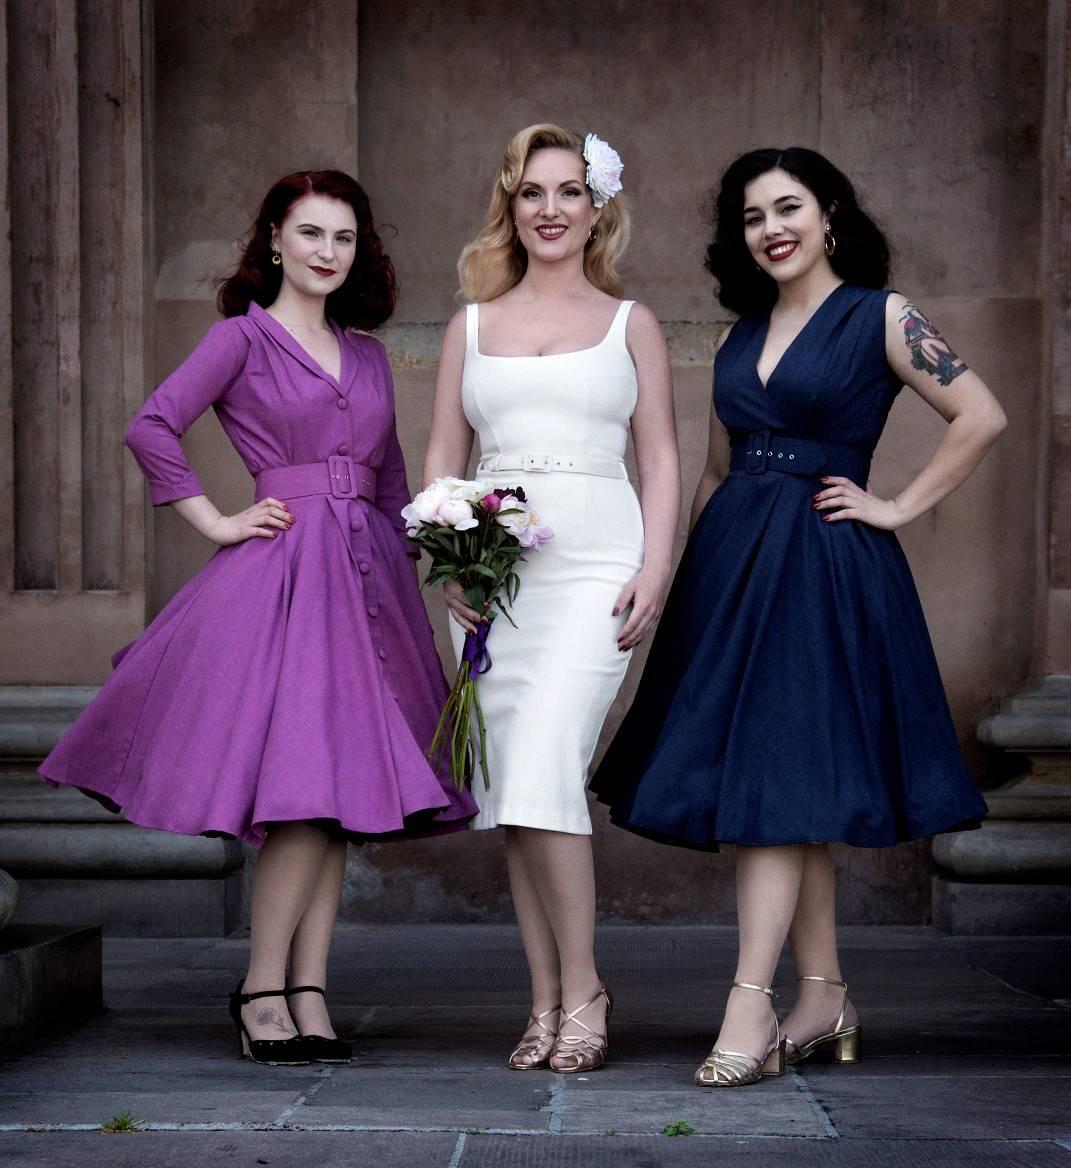 vintage style brudekjole og brudepiger foto: plougfotografi